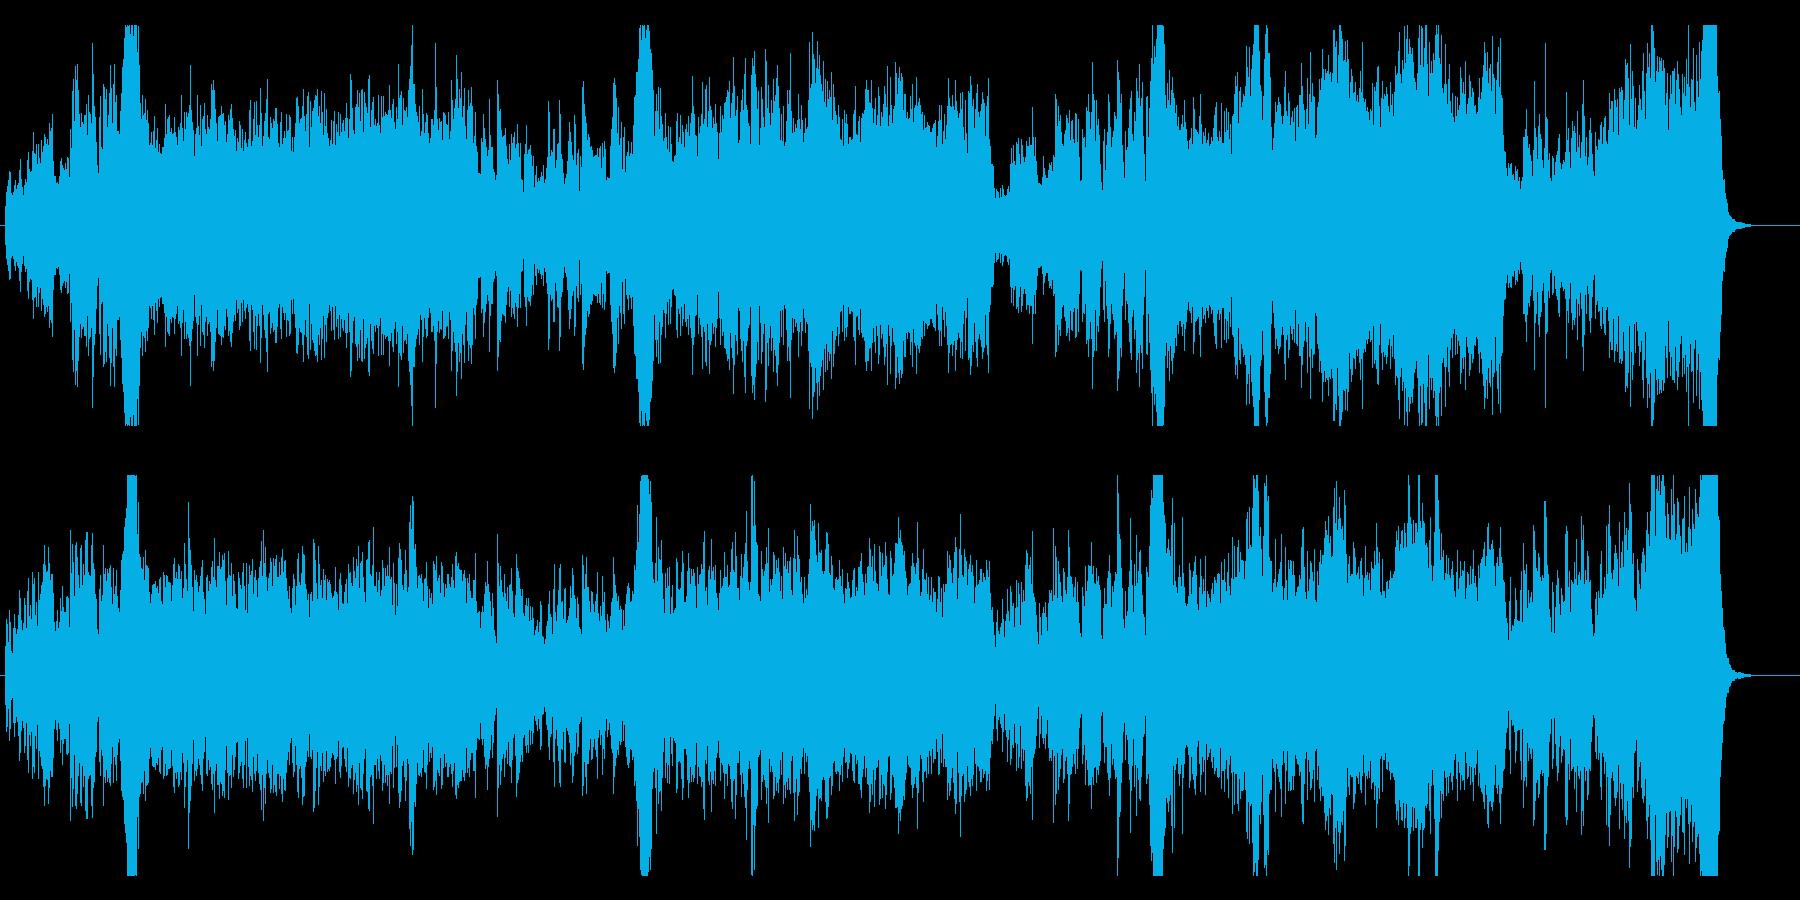 ゲームのバトルシーンの音楽の再生済みの波形